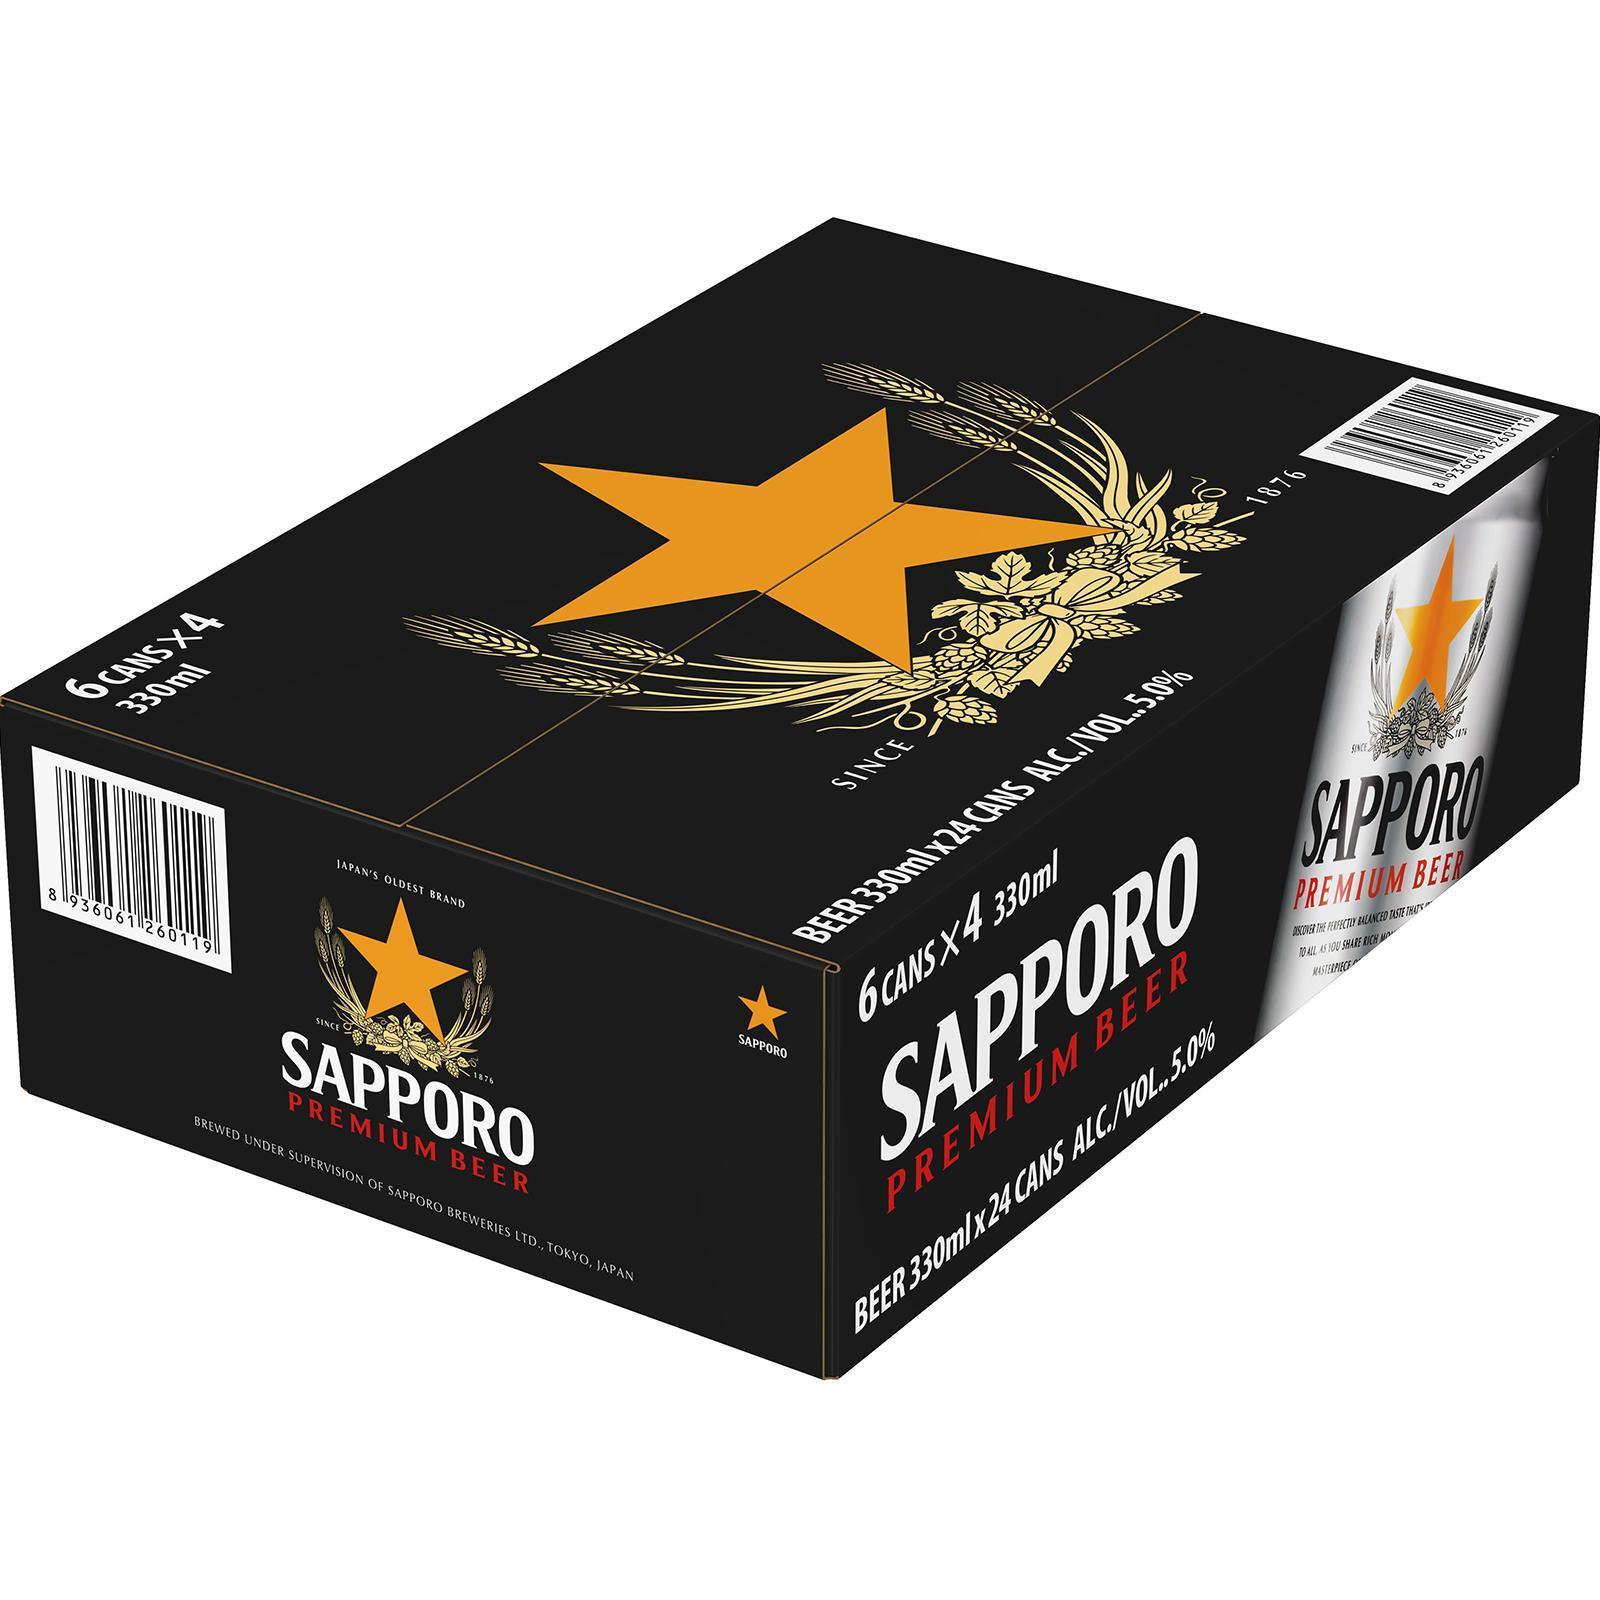 Sapporo Premium Draft Beer Case